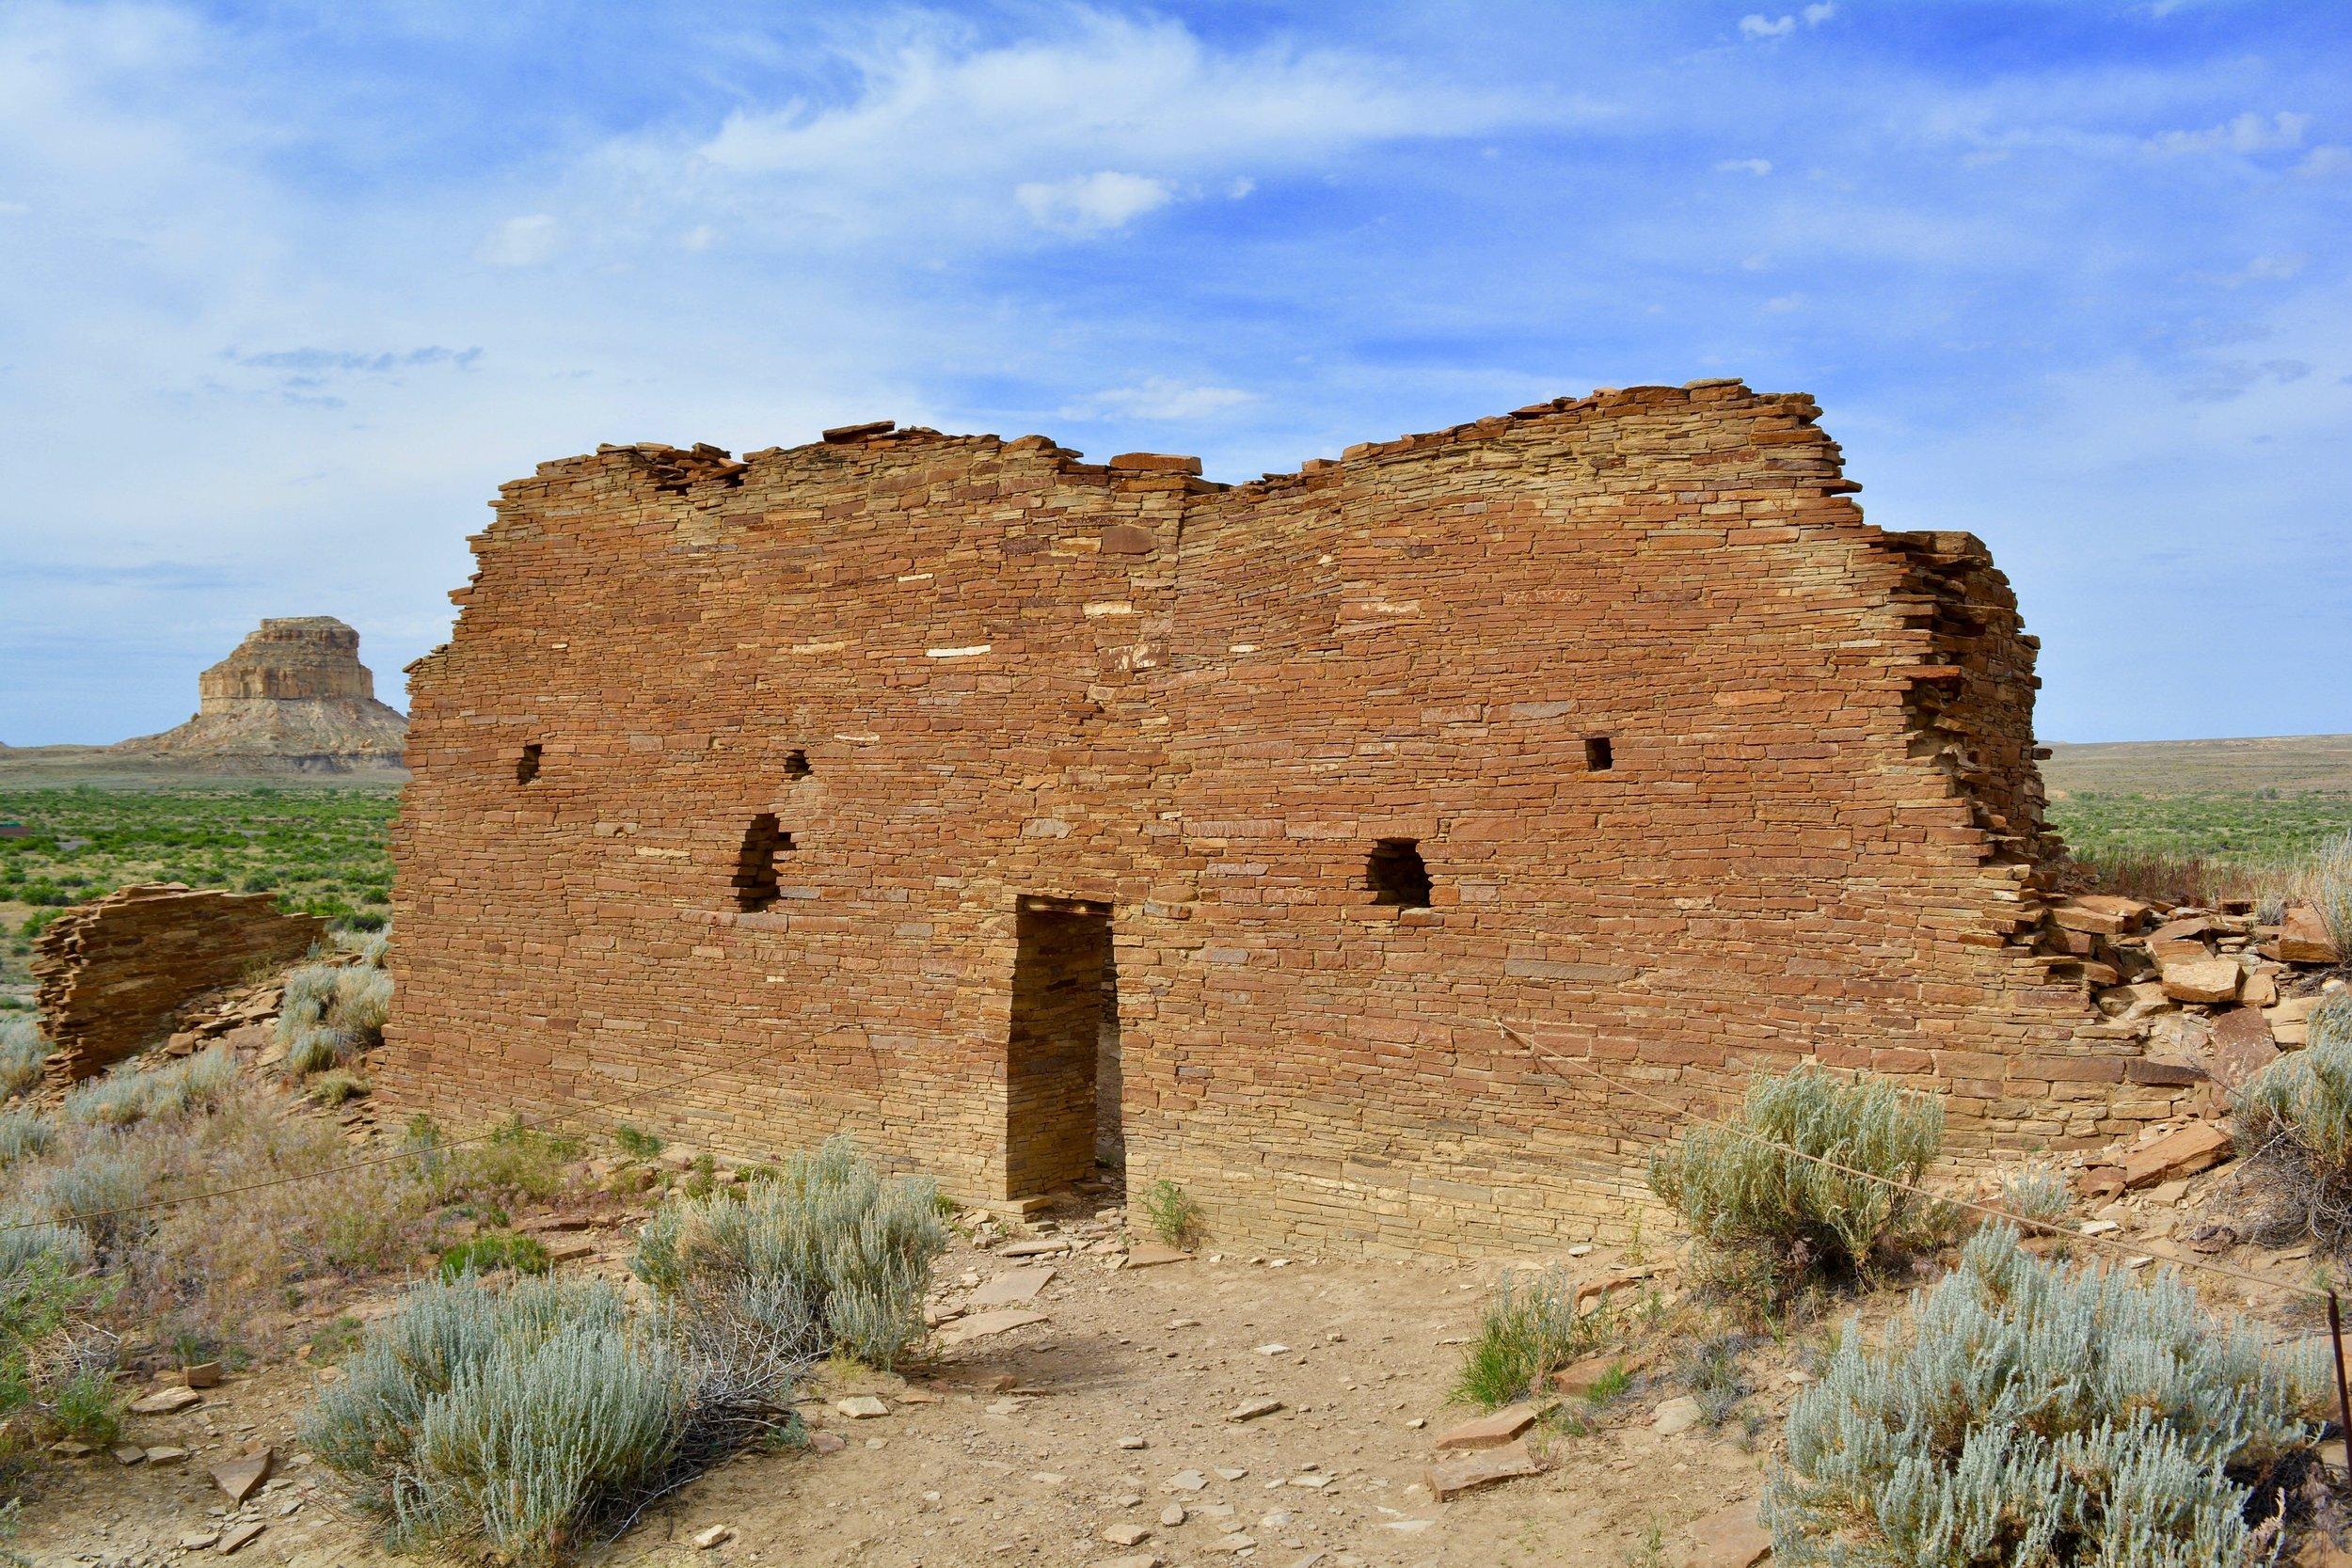 Ruins at Chaco Culture